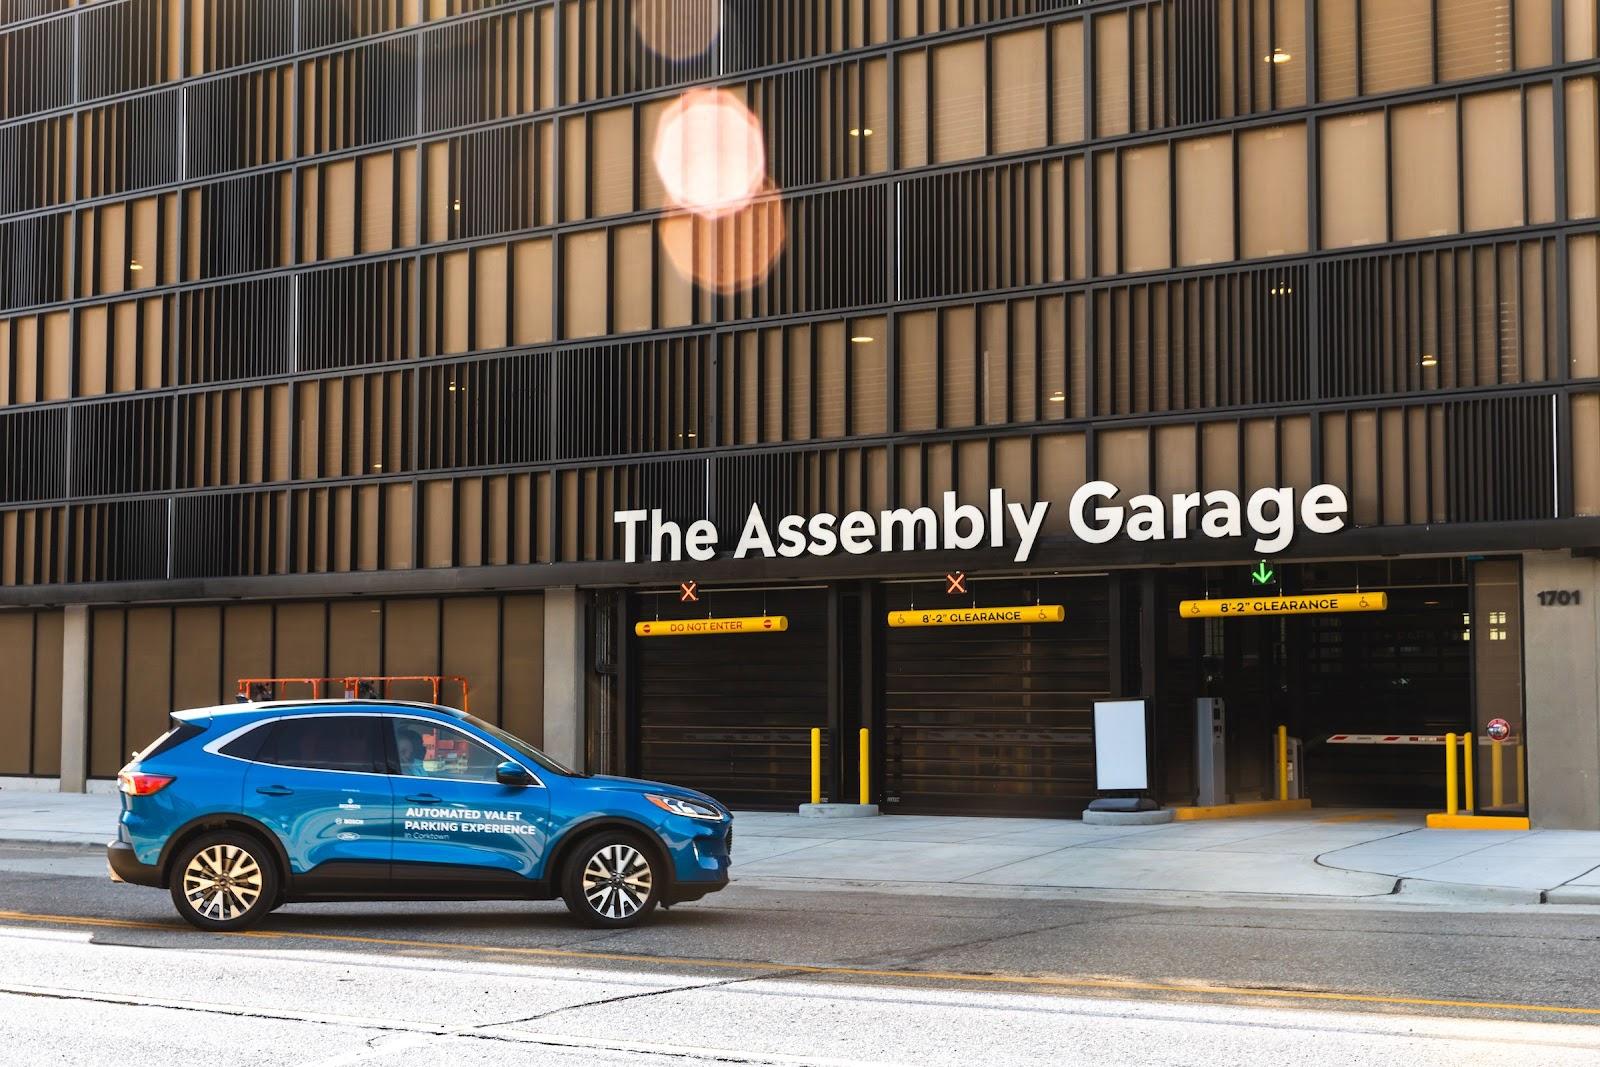 Garagem no prédio da Bedrock foi adaptada para apresentar a nova tecnologia de estacionamento autônomo. (Fonte: Dan Barbosa/Ford Motor Co)